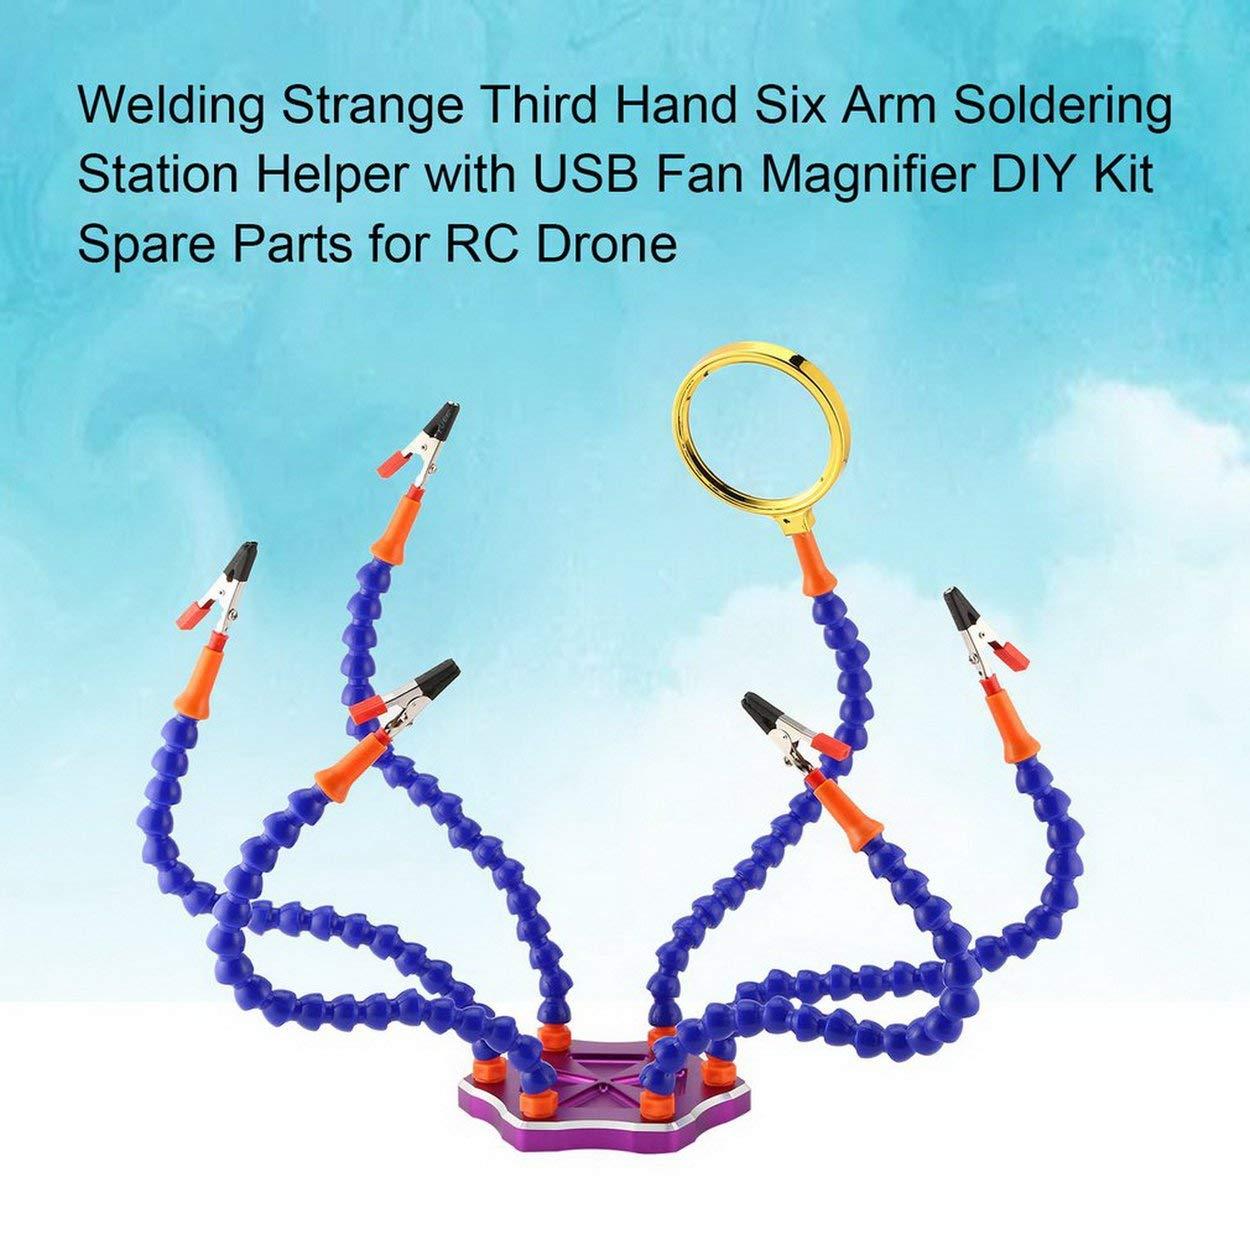 Losenlli Estación de Soldadura Extraña de Tercera Mano de Soldador Extraño Auxiliar con Ventilador USB Lupa DIY Kit Repuestos para Drone RC: Amazon.es: ...